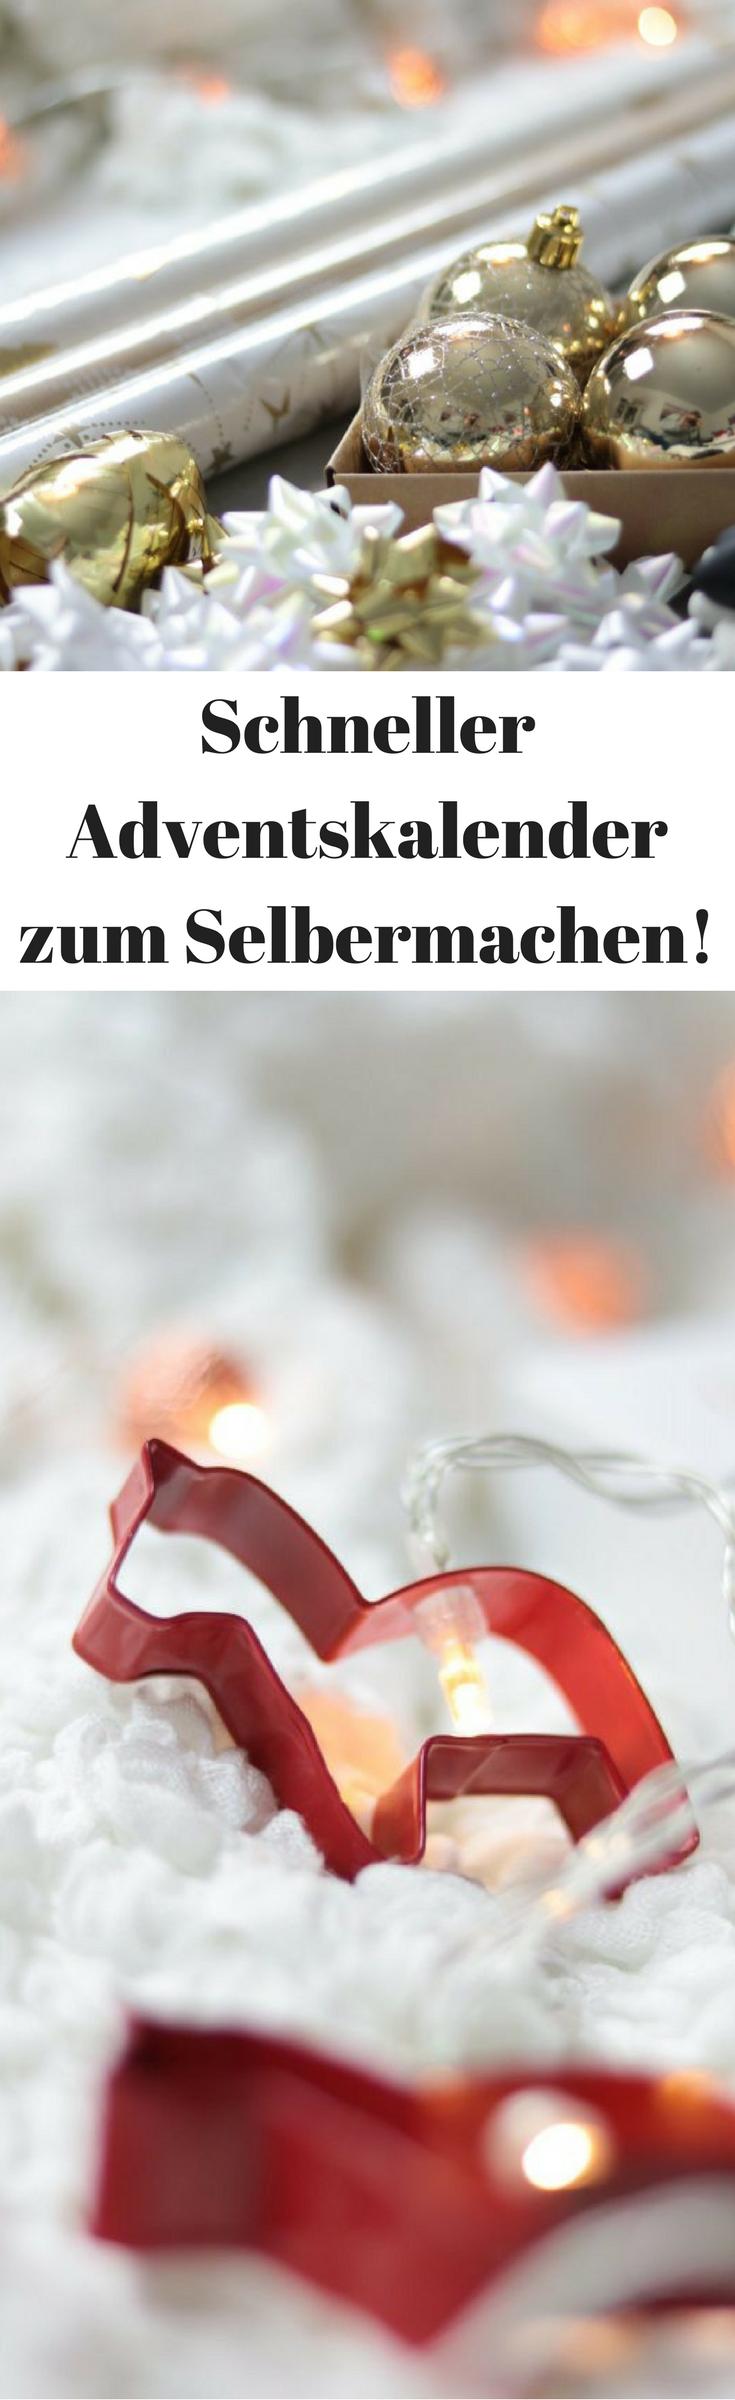 Selbstgemachter Adventskalender - Die besten Ideen zum Befüllen! #adventskalendermann